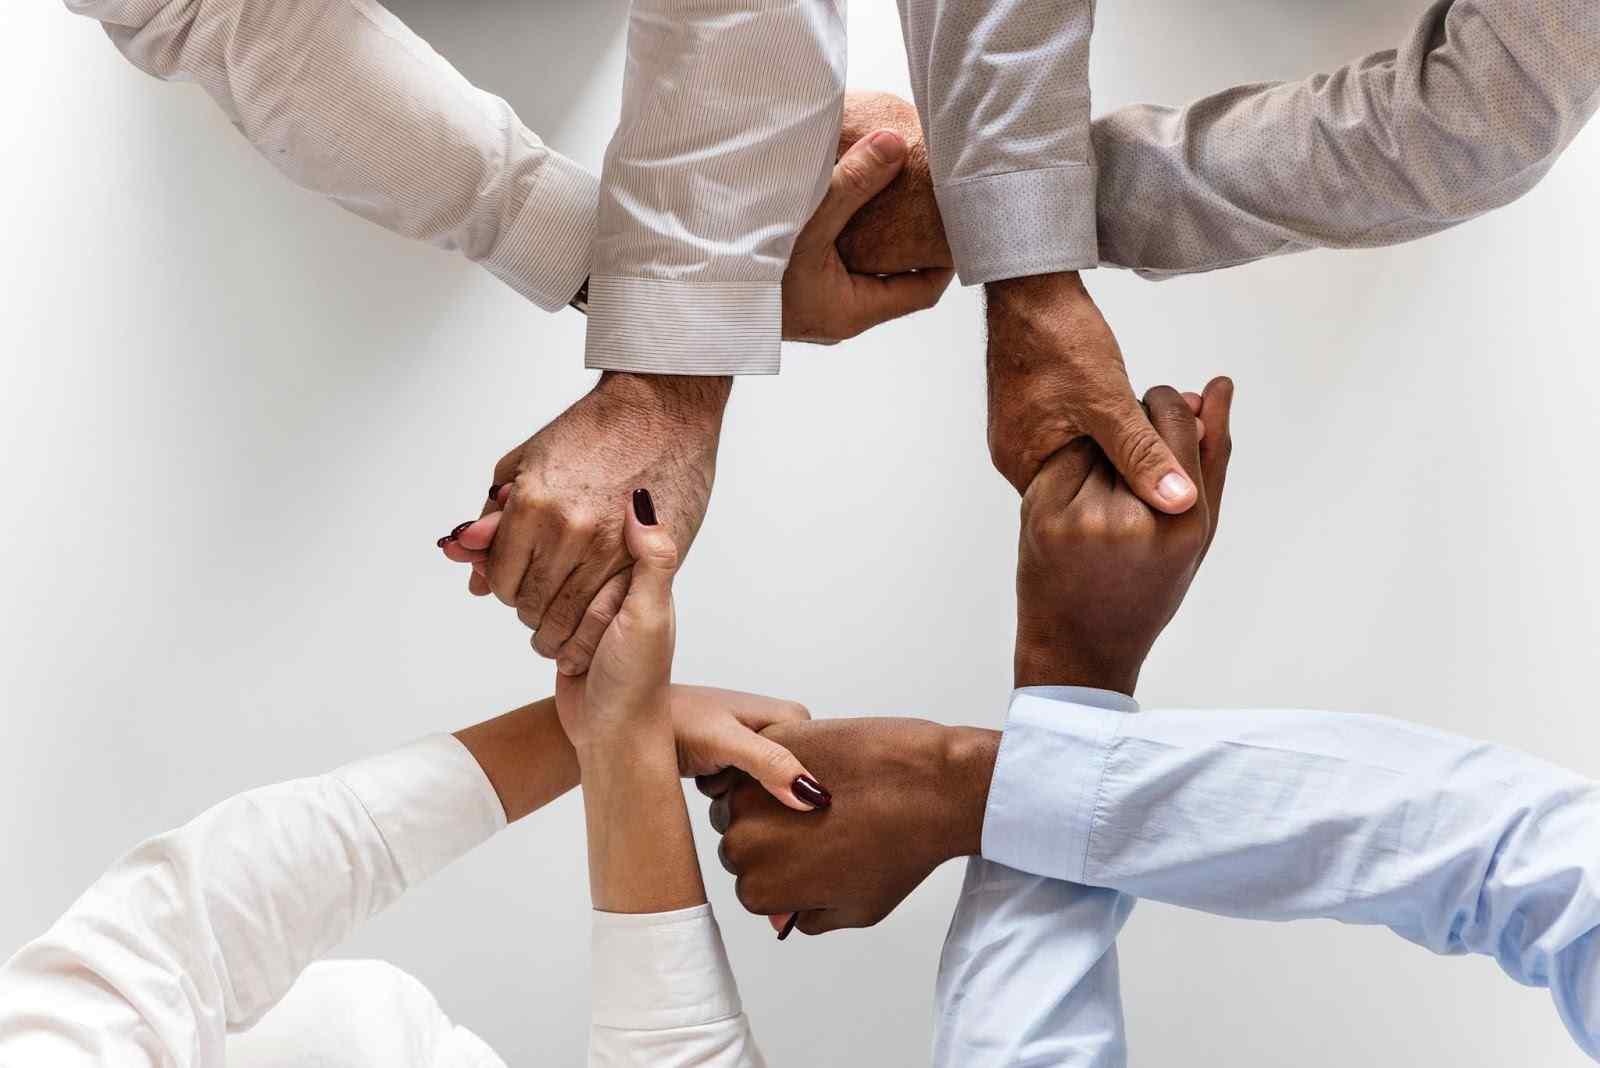 التعاون,تعاون,قصص اطفال,حكايات,أطفال,قيمة التعاون,قيمة,تعليمية,كرتون,في التعاون بركة,فيلم عن التعاون,قصص للأطفال,فيديو عن التعاون,معني التعاون,علم اولادك قيمة التعاون,رياض اطفال,مقطع عن التعاون,اثر التعاون,القيم الاسلامية,قيم اسلامية.